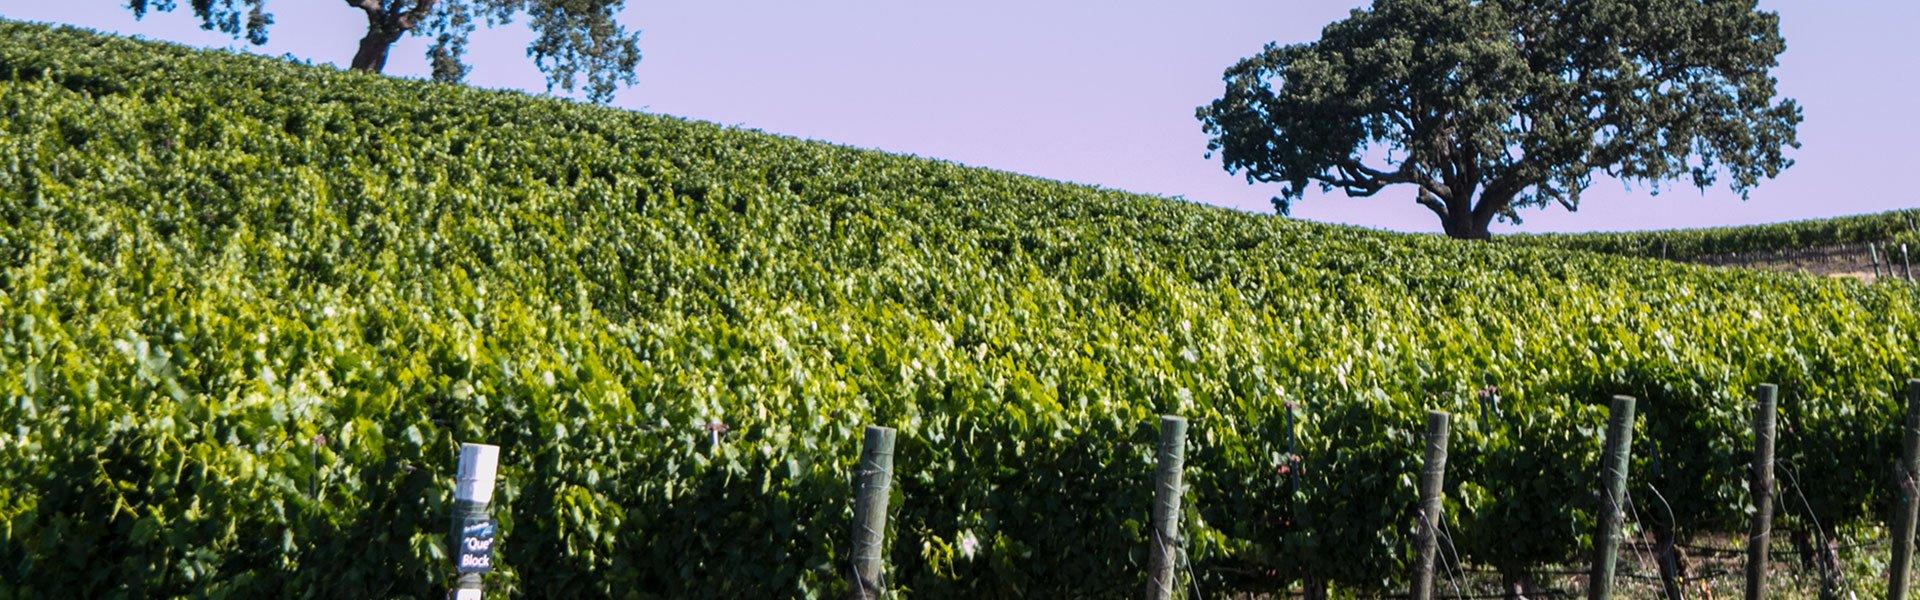 Stoplman-Vineyard